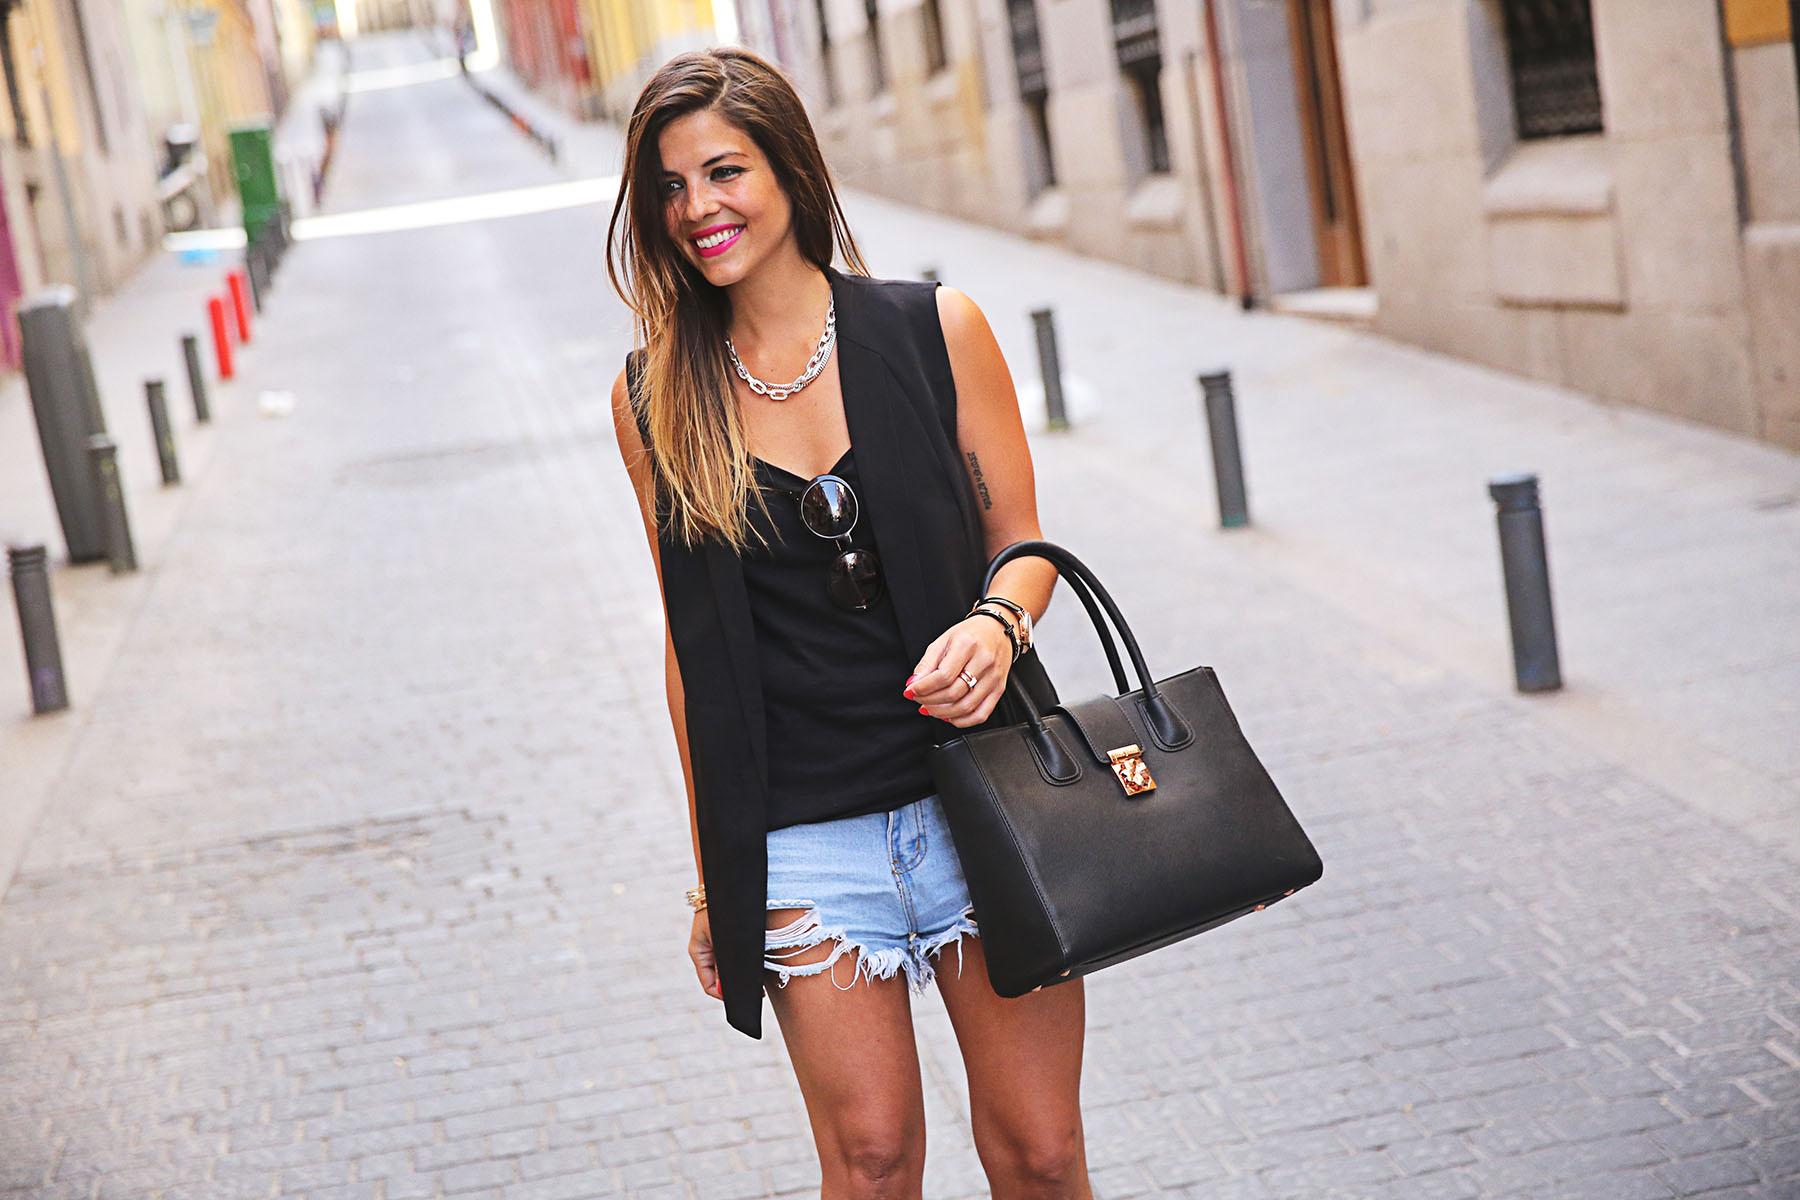 trendy-taste-look-outfit-street-style-ootd-blog-blogger-fashion-spain-moda-españa-leo-print-estiletos-mas34-leather-bag-denim-shorts-vaqueros-rotos-12